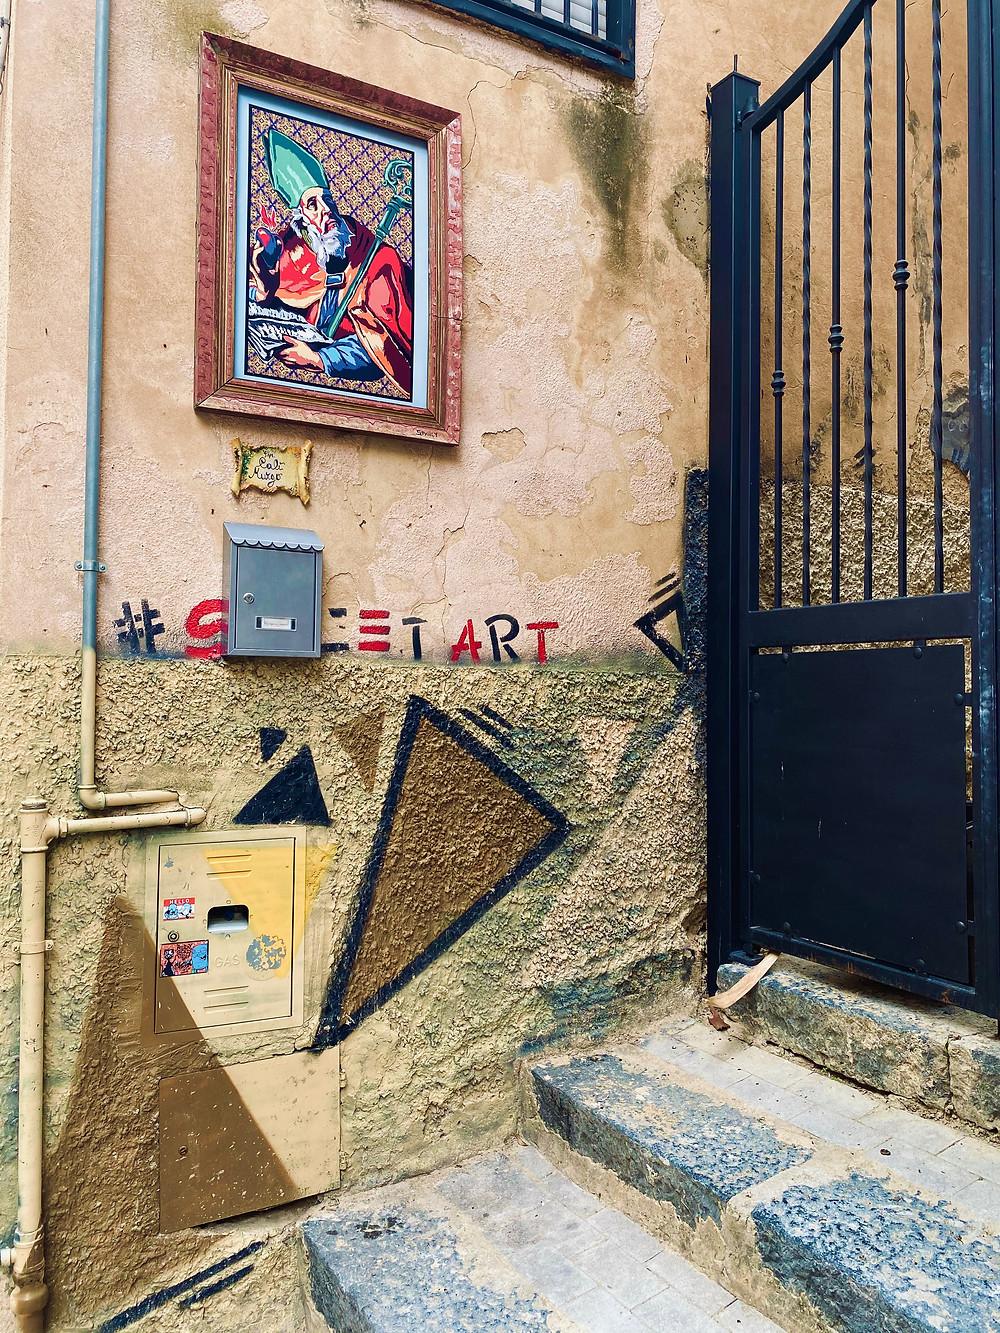 caltagirone-sicily-street-art-3